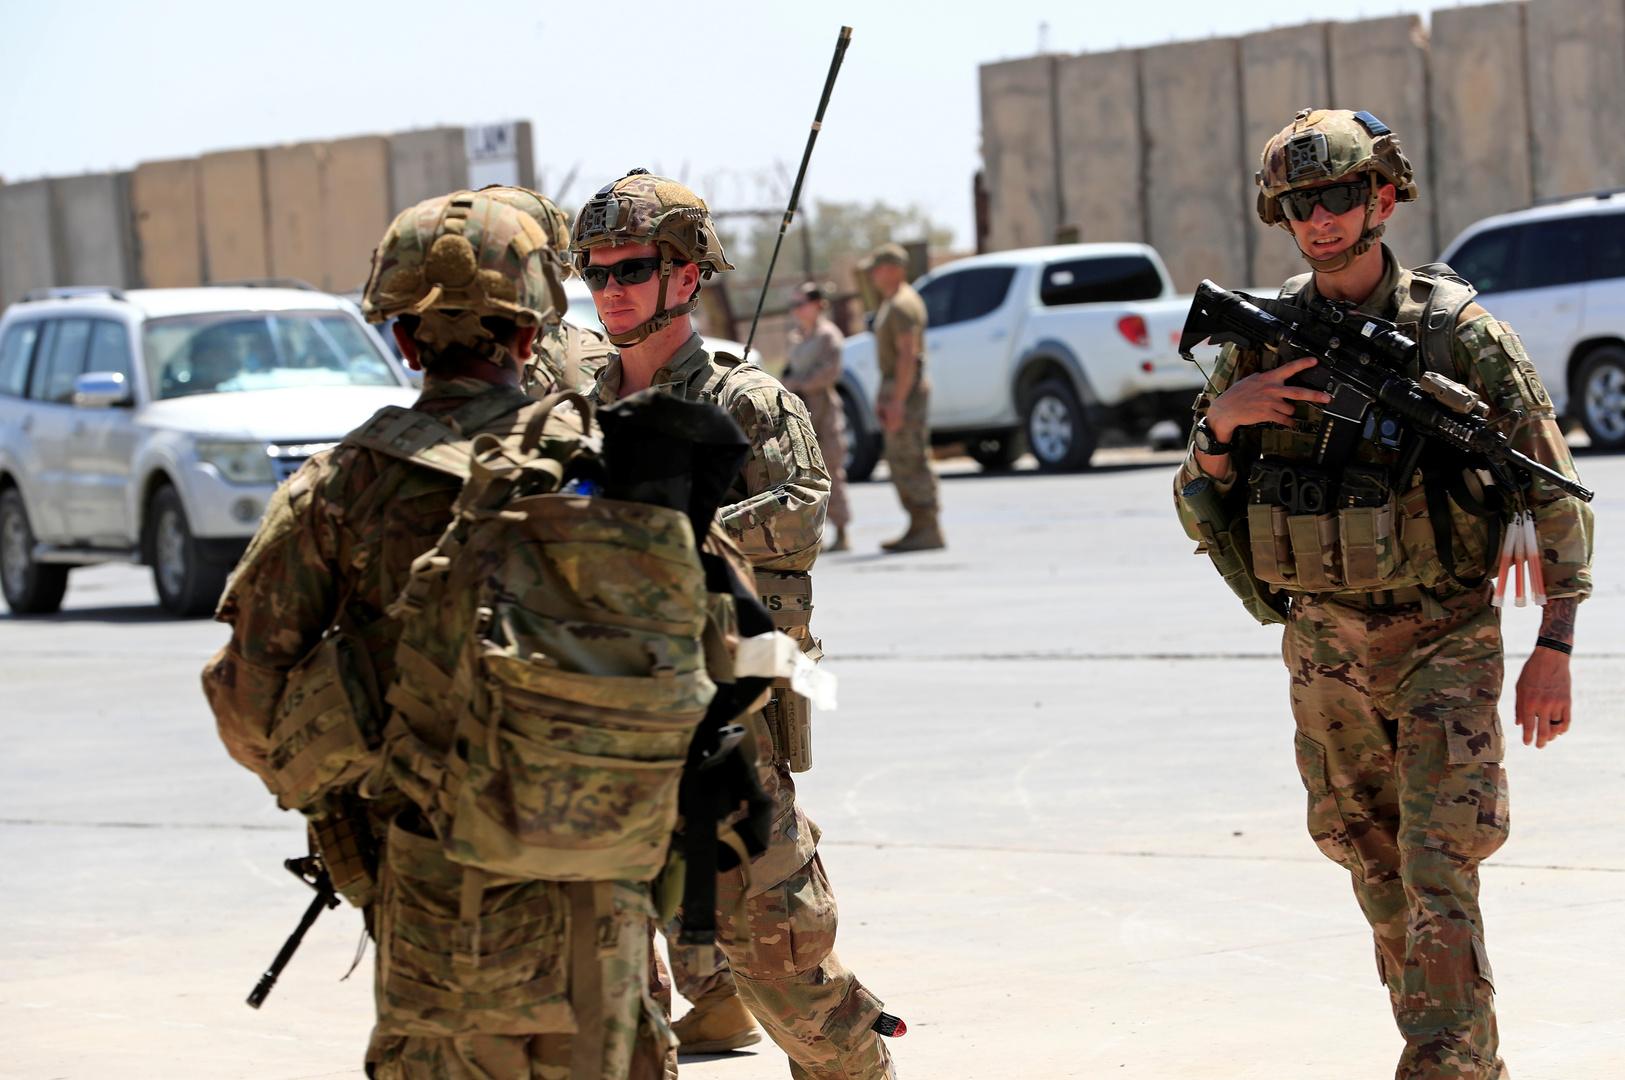 صحيفة: واشنطن وبغداد تخططان للإعلان عن انسحاب القوات الأمريكية مع نهاية 2021